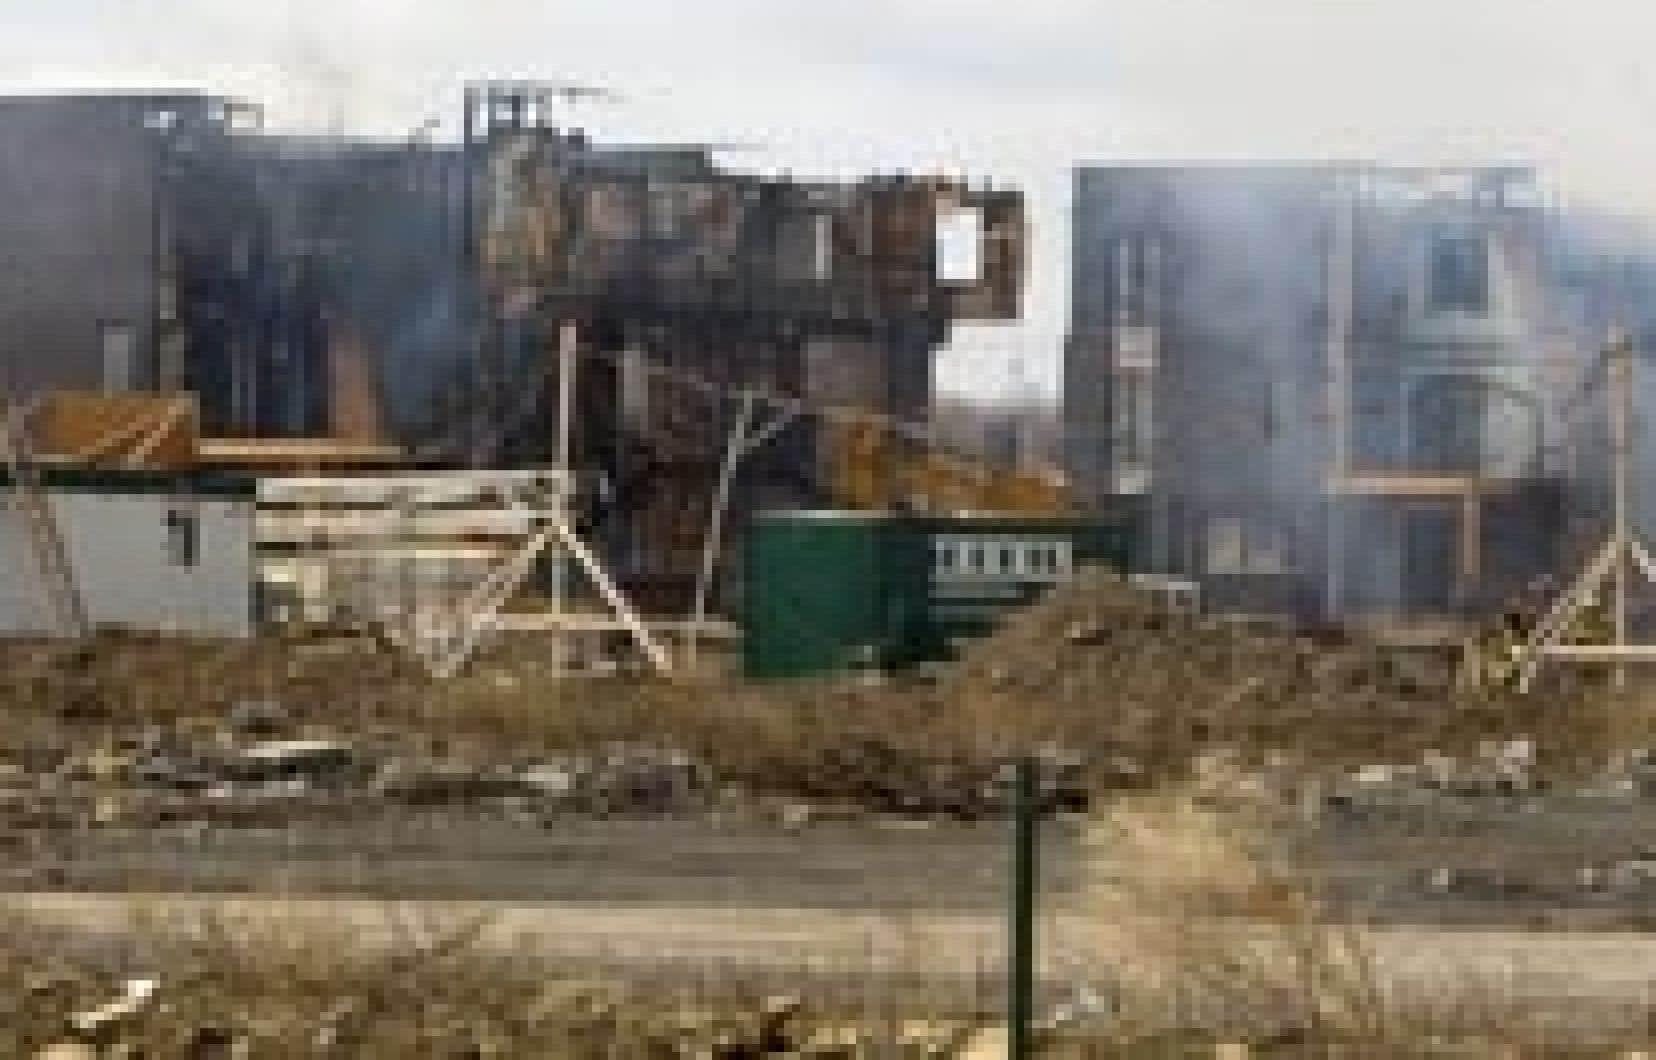 Le projet résidentiel Contrecoeur de 1800 unités d'habitation a été rasé par les flammes hier.